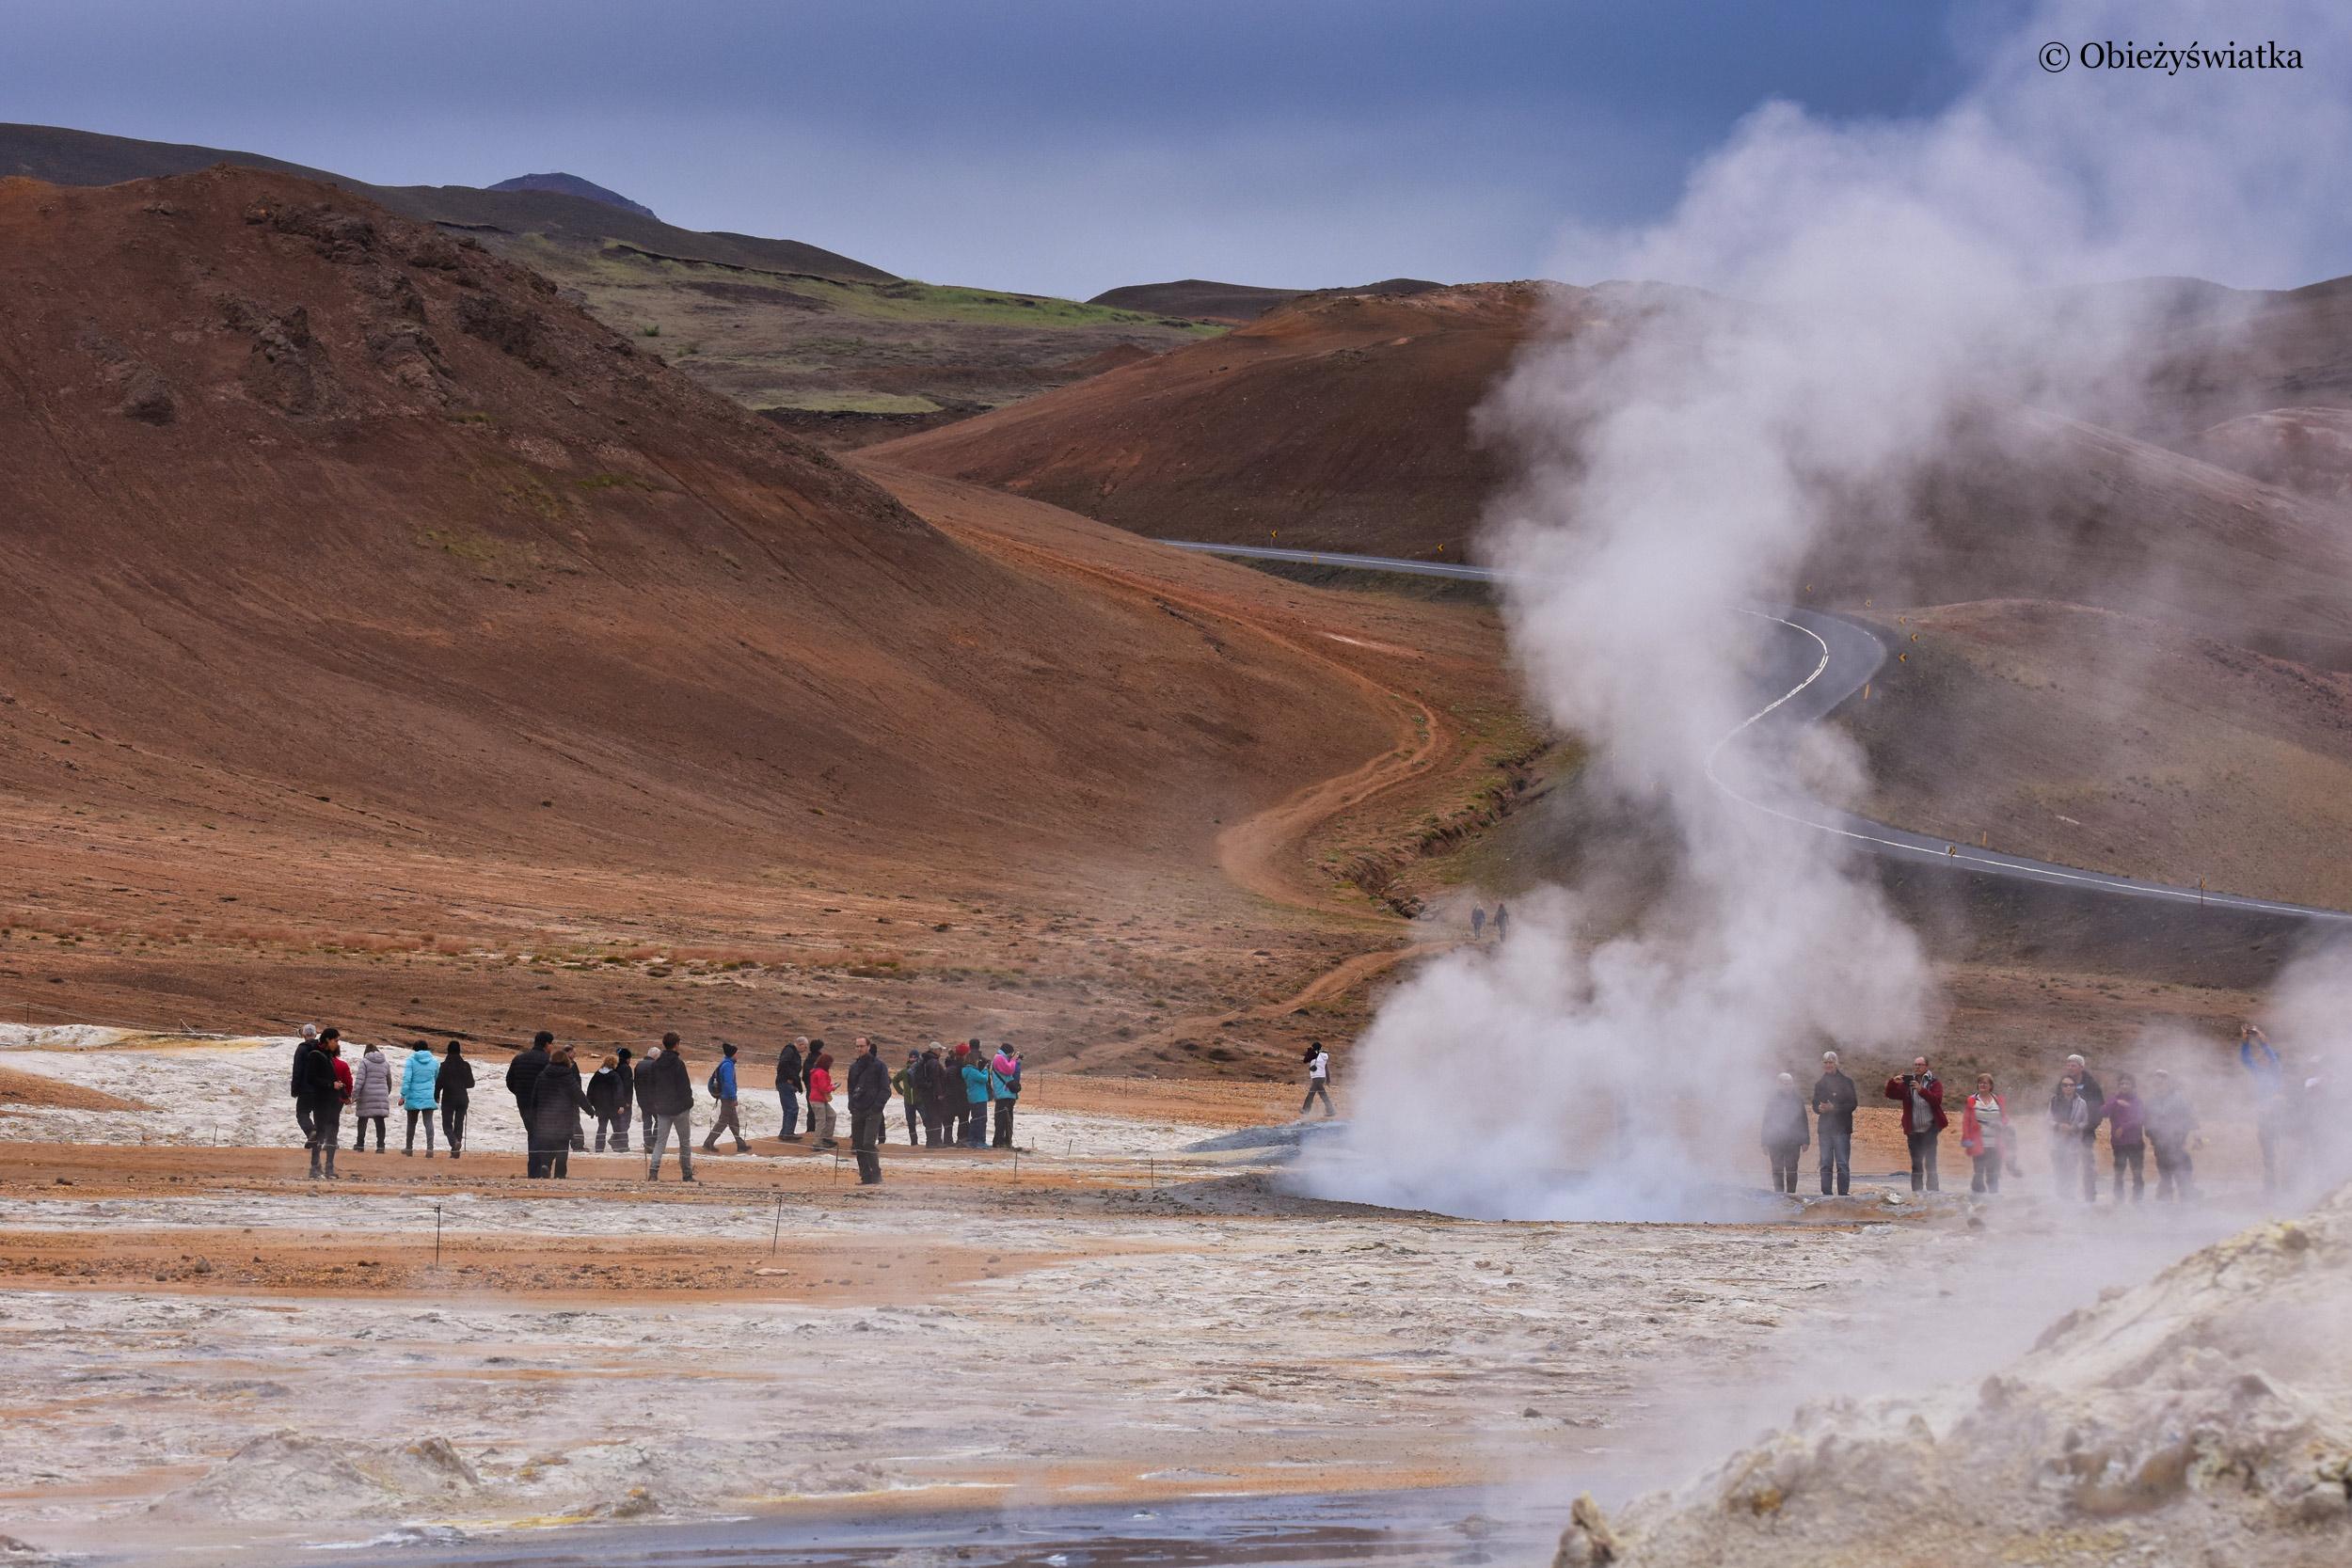 Fumarole i zapach siarki, Islandia